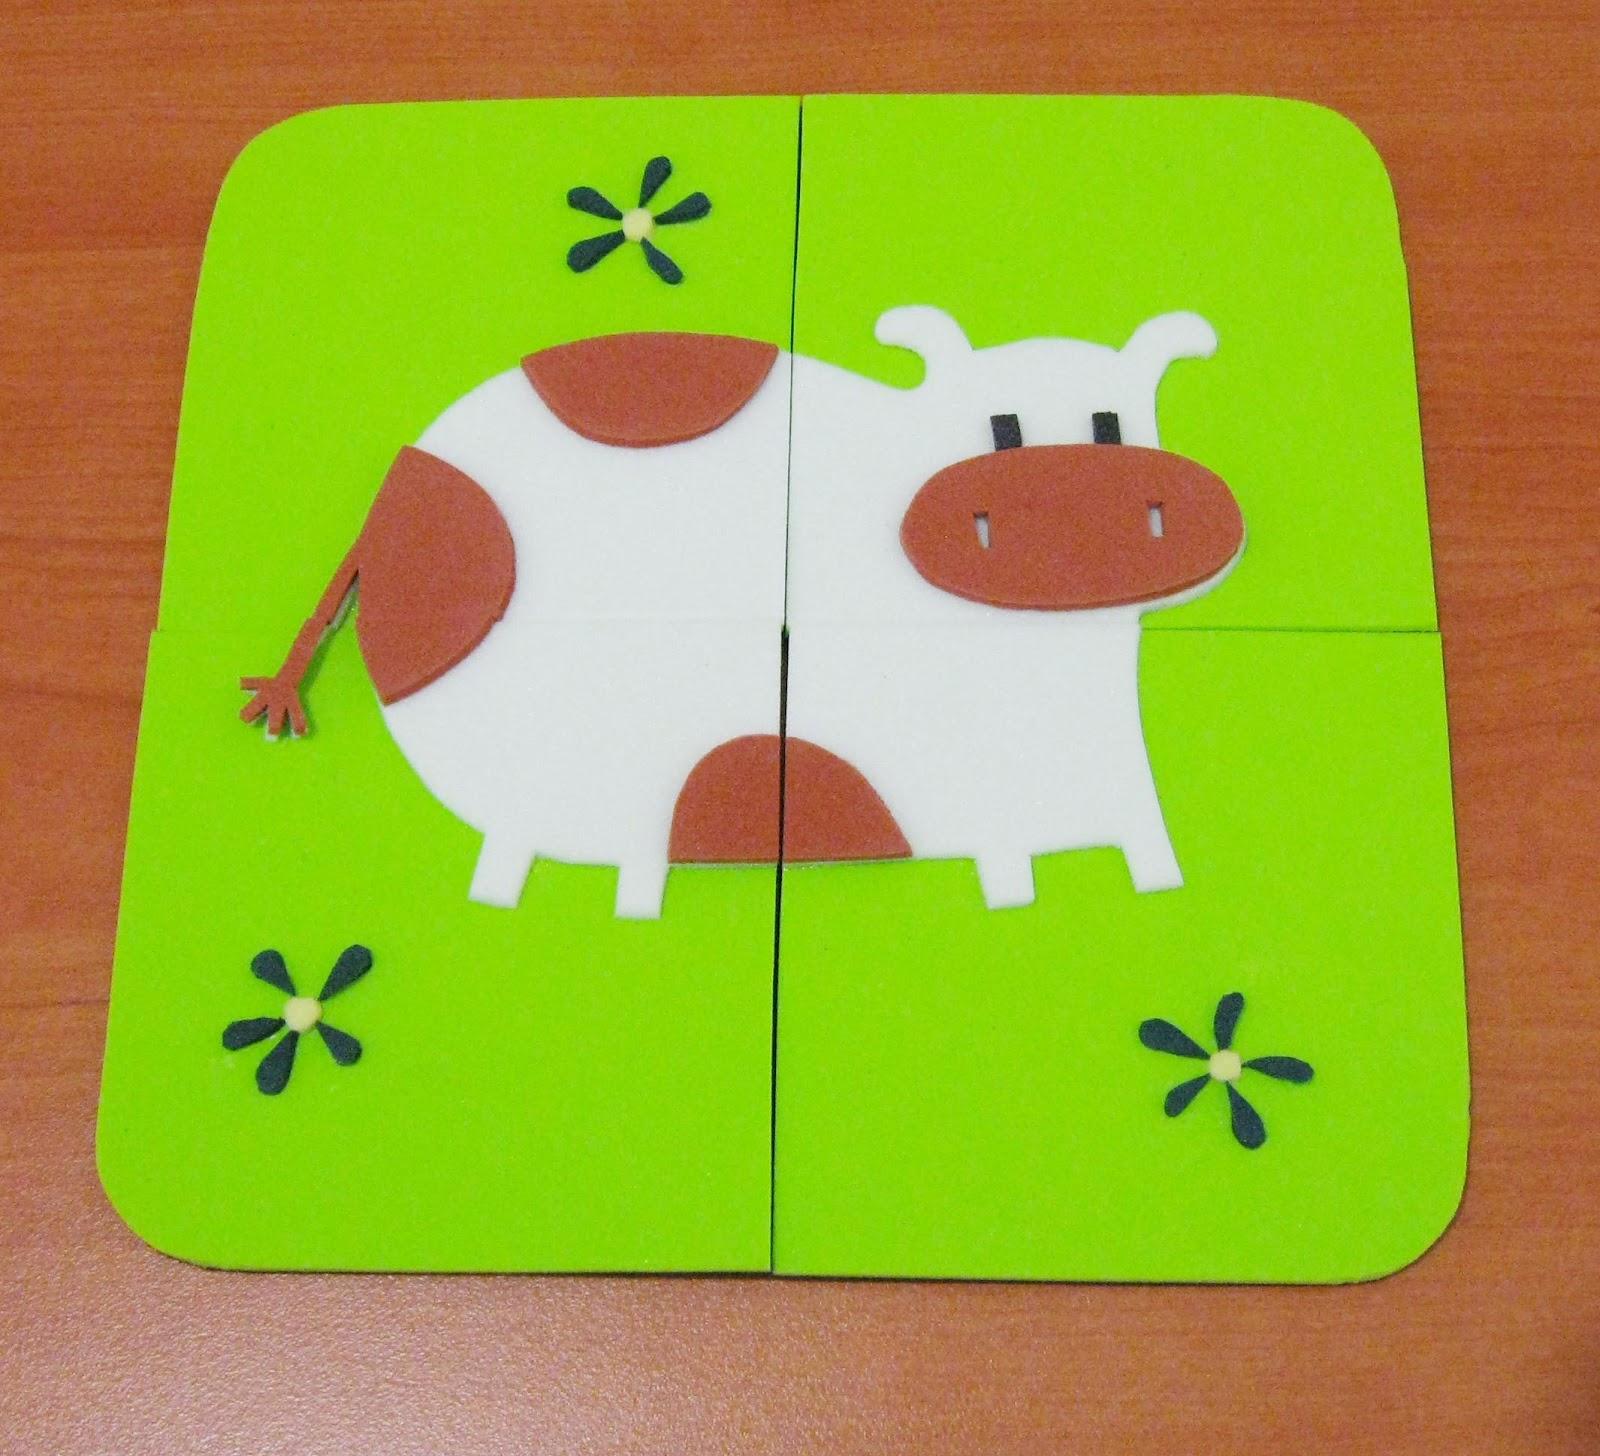 Accesorios infantiles con dise o rompecabezas en goma eva for Diseno piezas infantiles